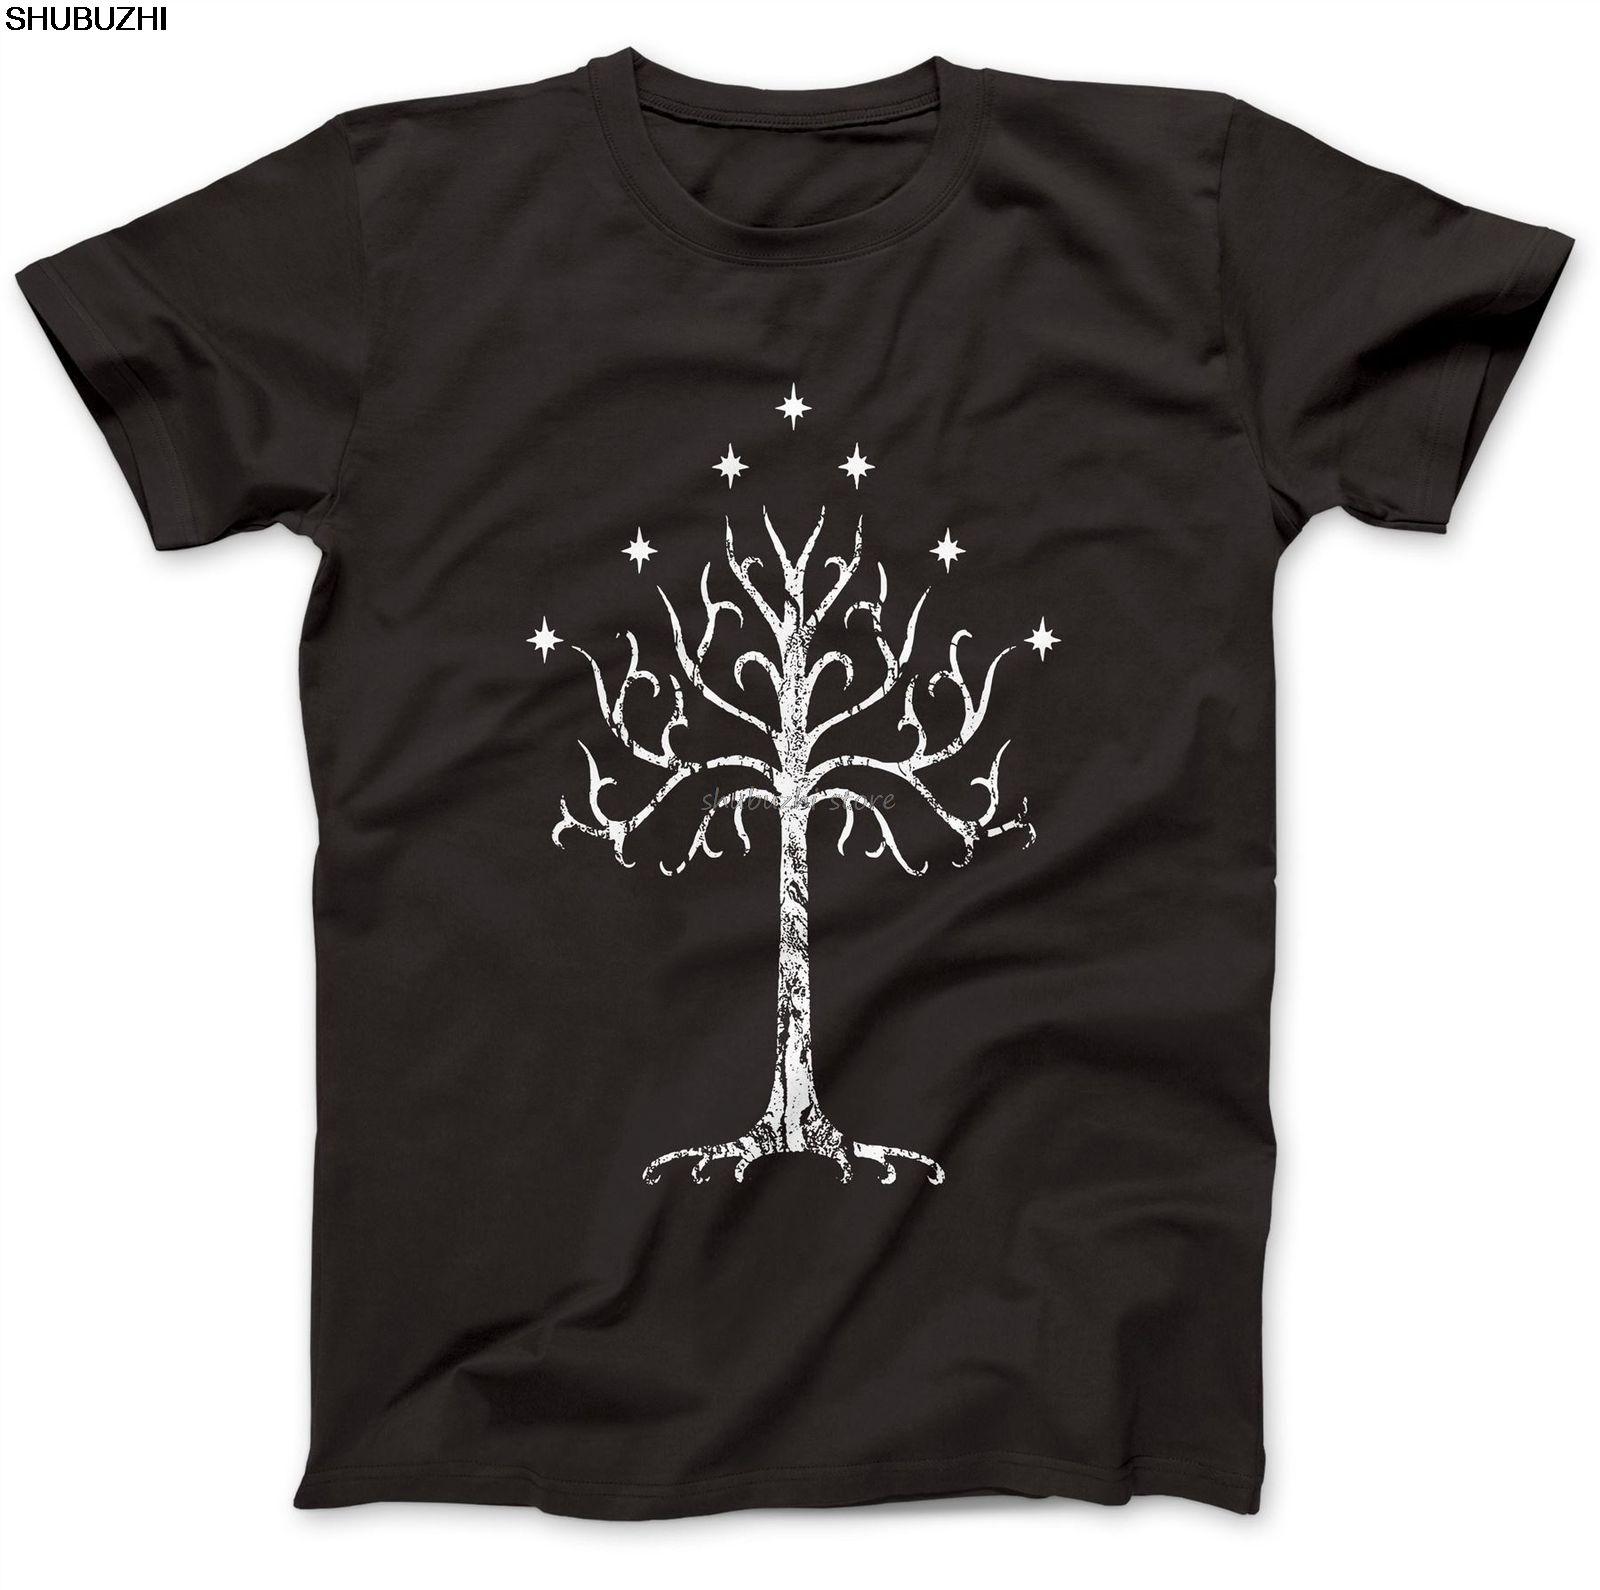 Arbre blanc de Gondor Tolkien T-shirt 100% coton haut de gamme Mordor la Terre du Milieu sbz1054